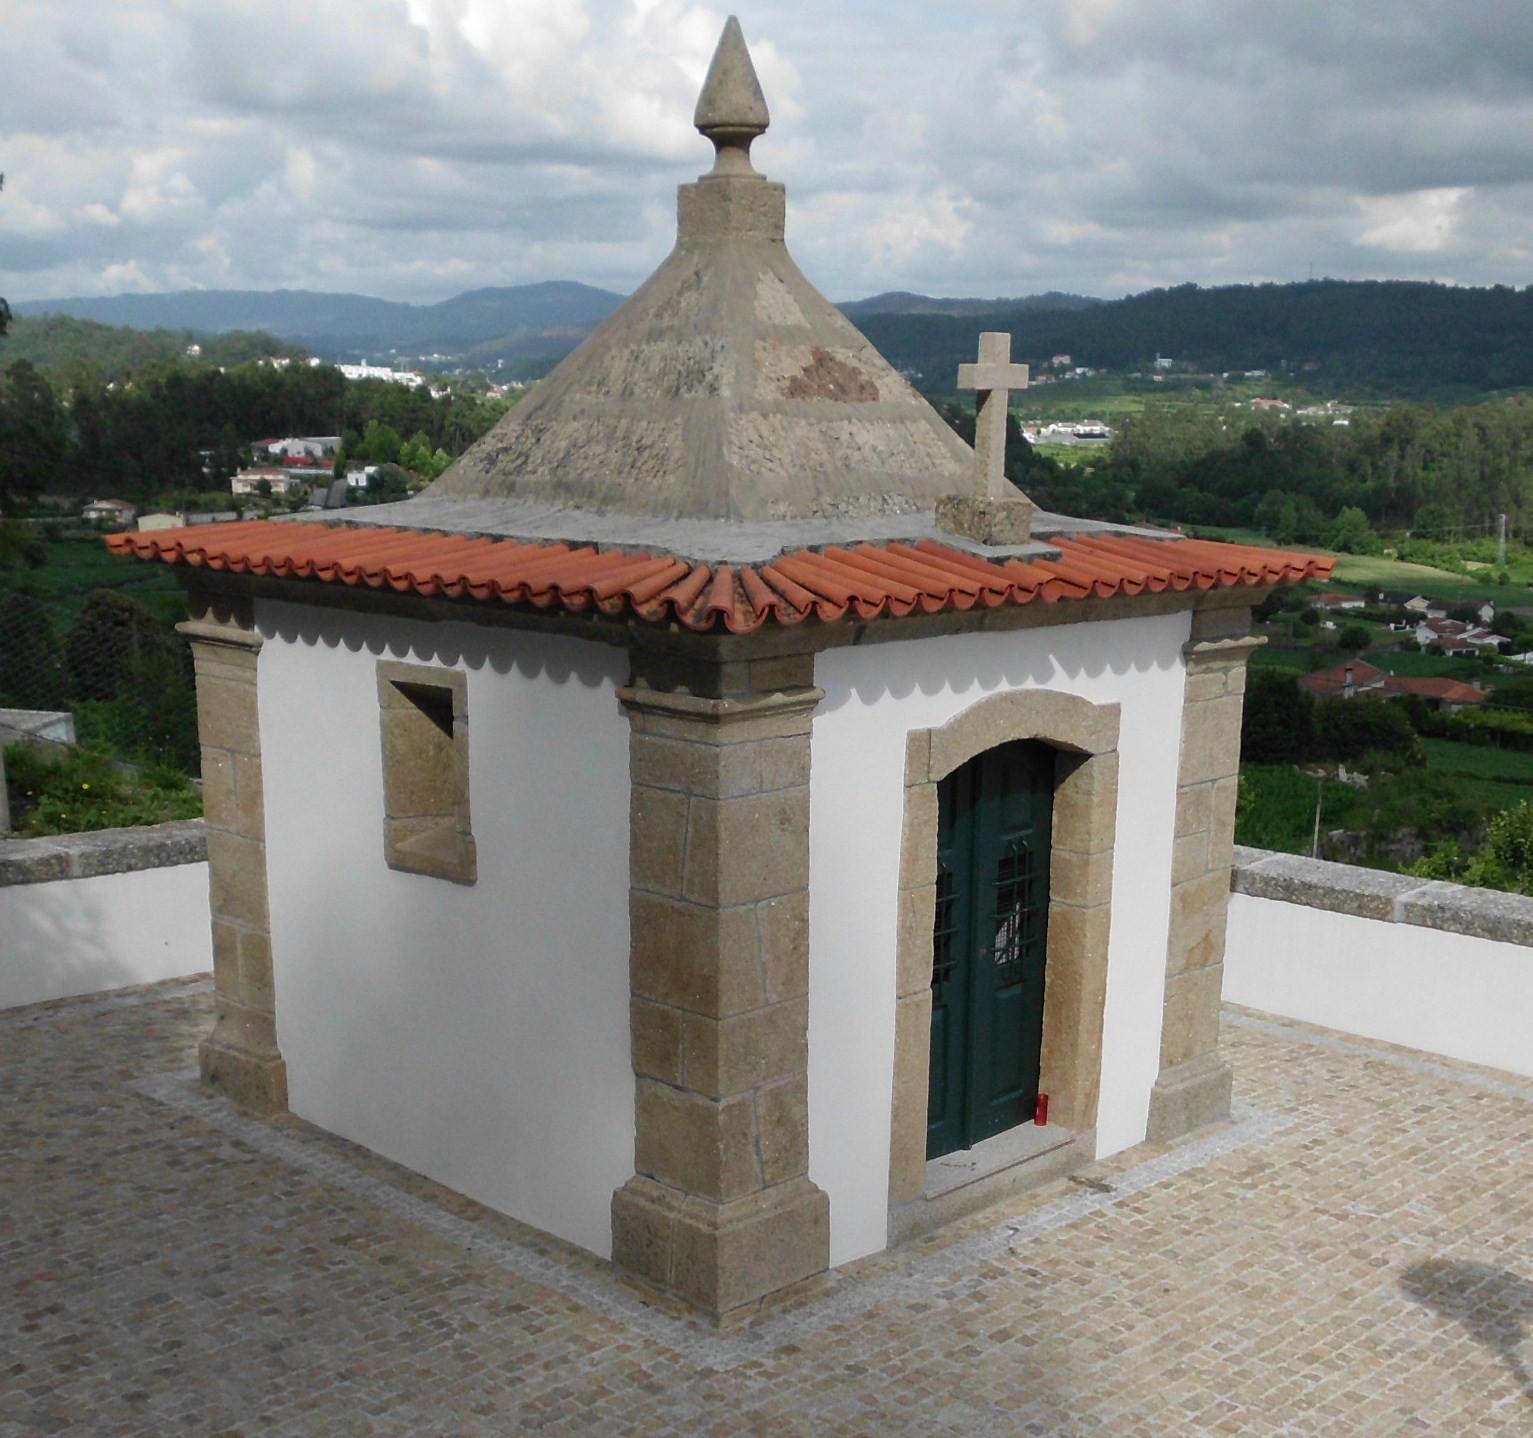 Apesar de ainda n£o estarem concludas as obras já merece ser visitado o renovado Calvário do Bom Jesus de Cambeses